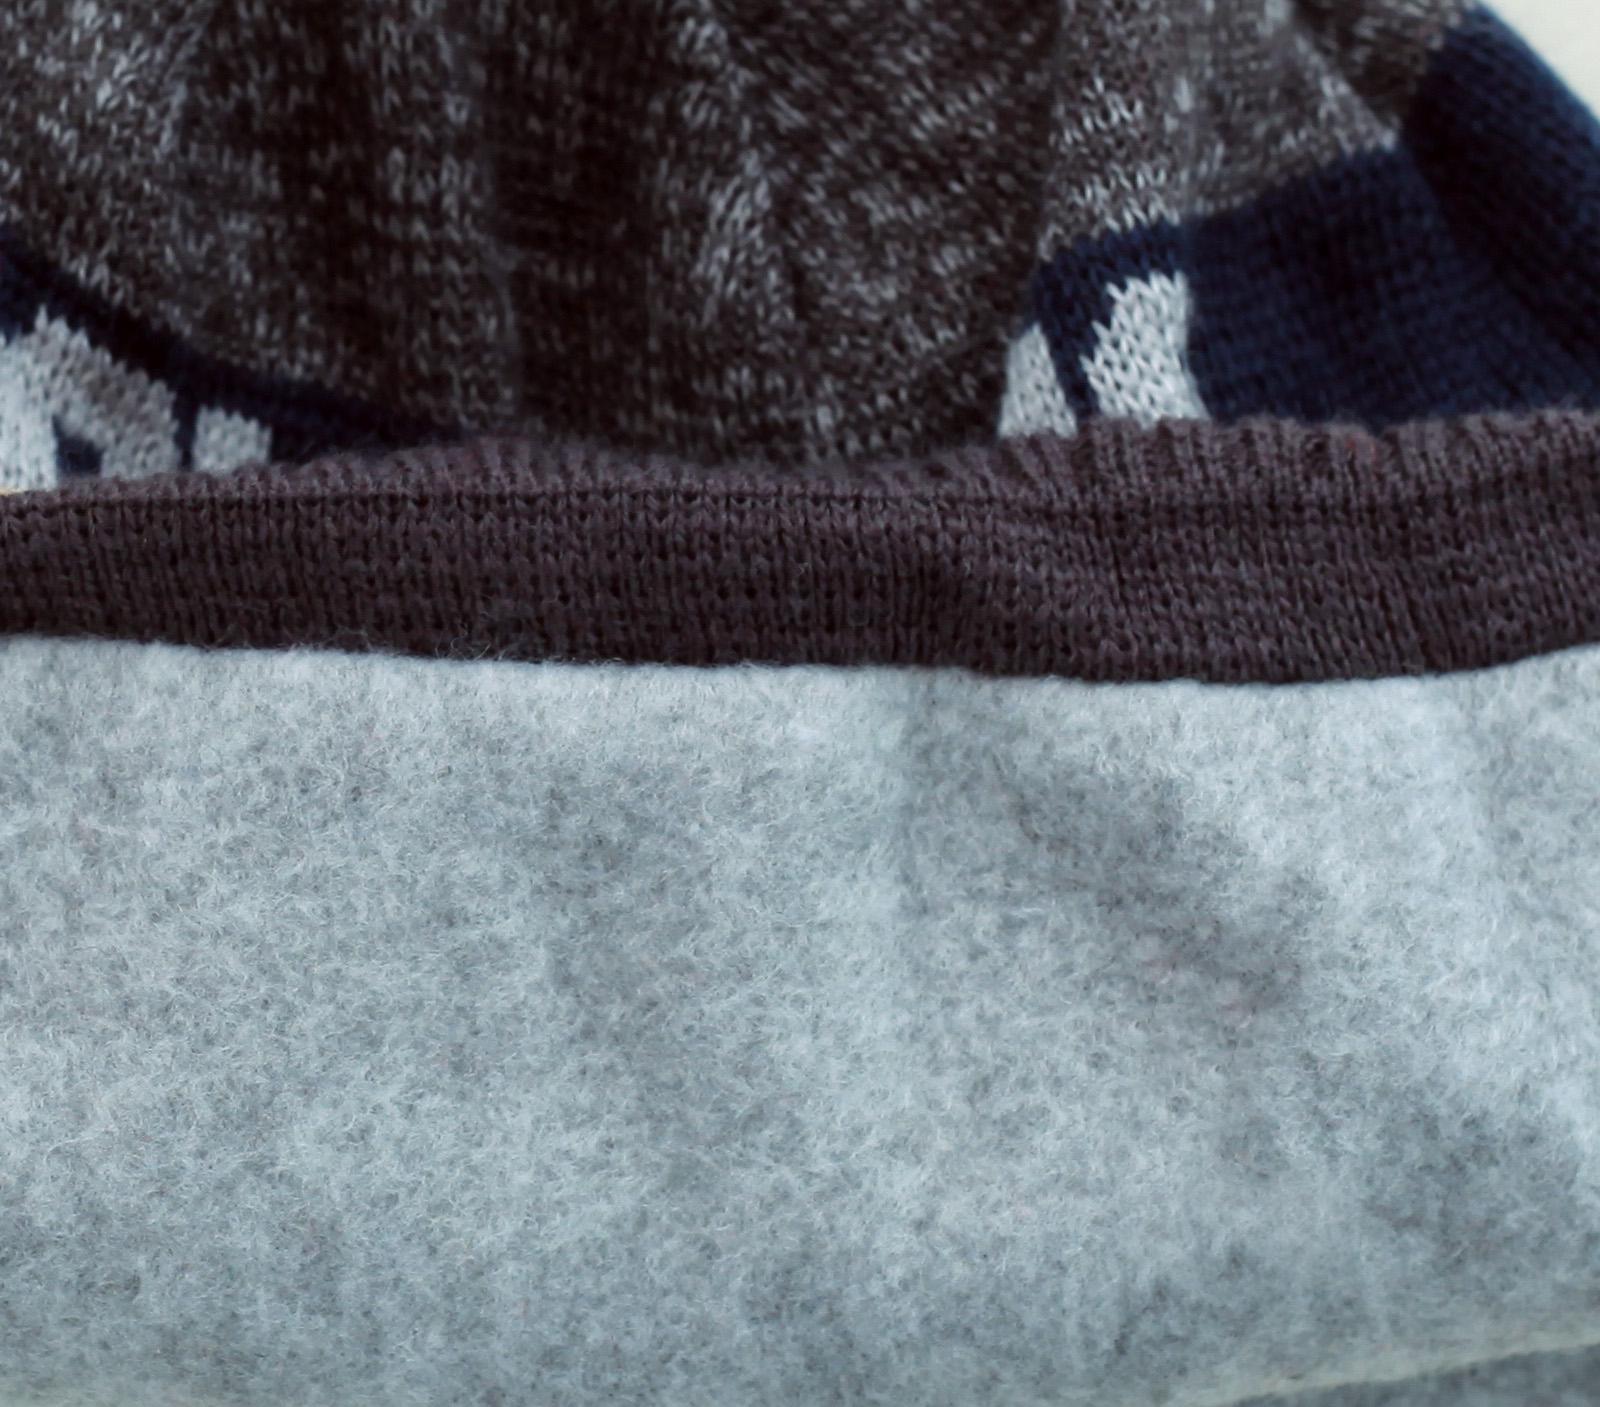 Заказать универсальную модель для прохладной погоды – шапку для серьезных мужчин по привлекательной цене